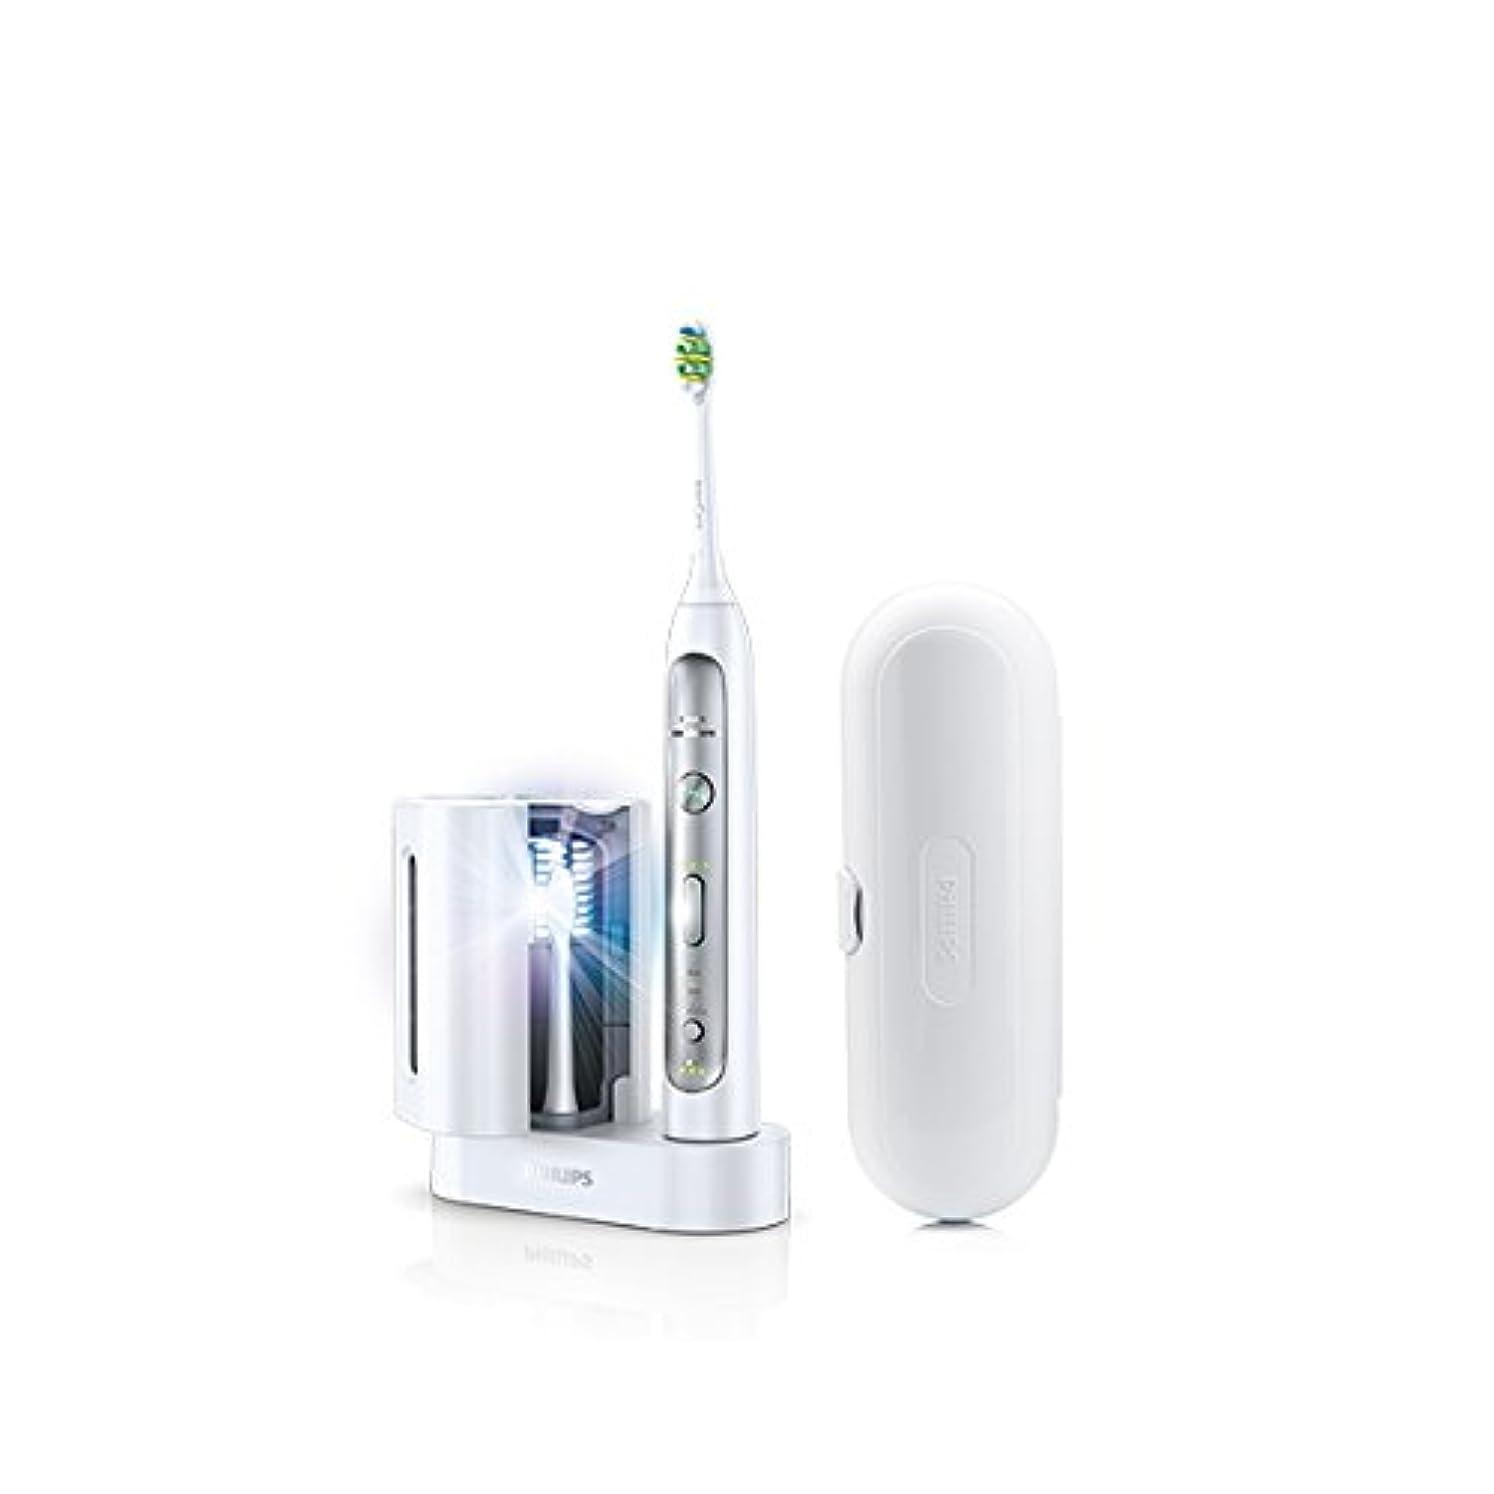 打ち負かす尽きる花瓶ソニッケアー 音波式電動歯ブラシ 「フレックスケアープラチナ」 HX9170/10